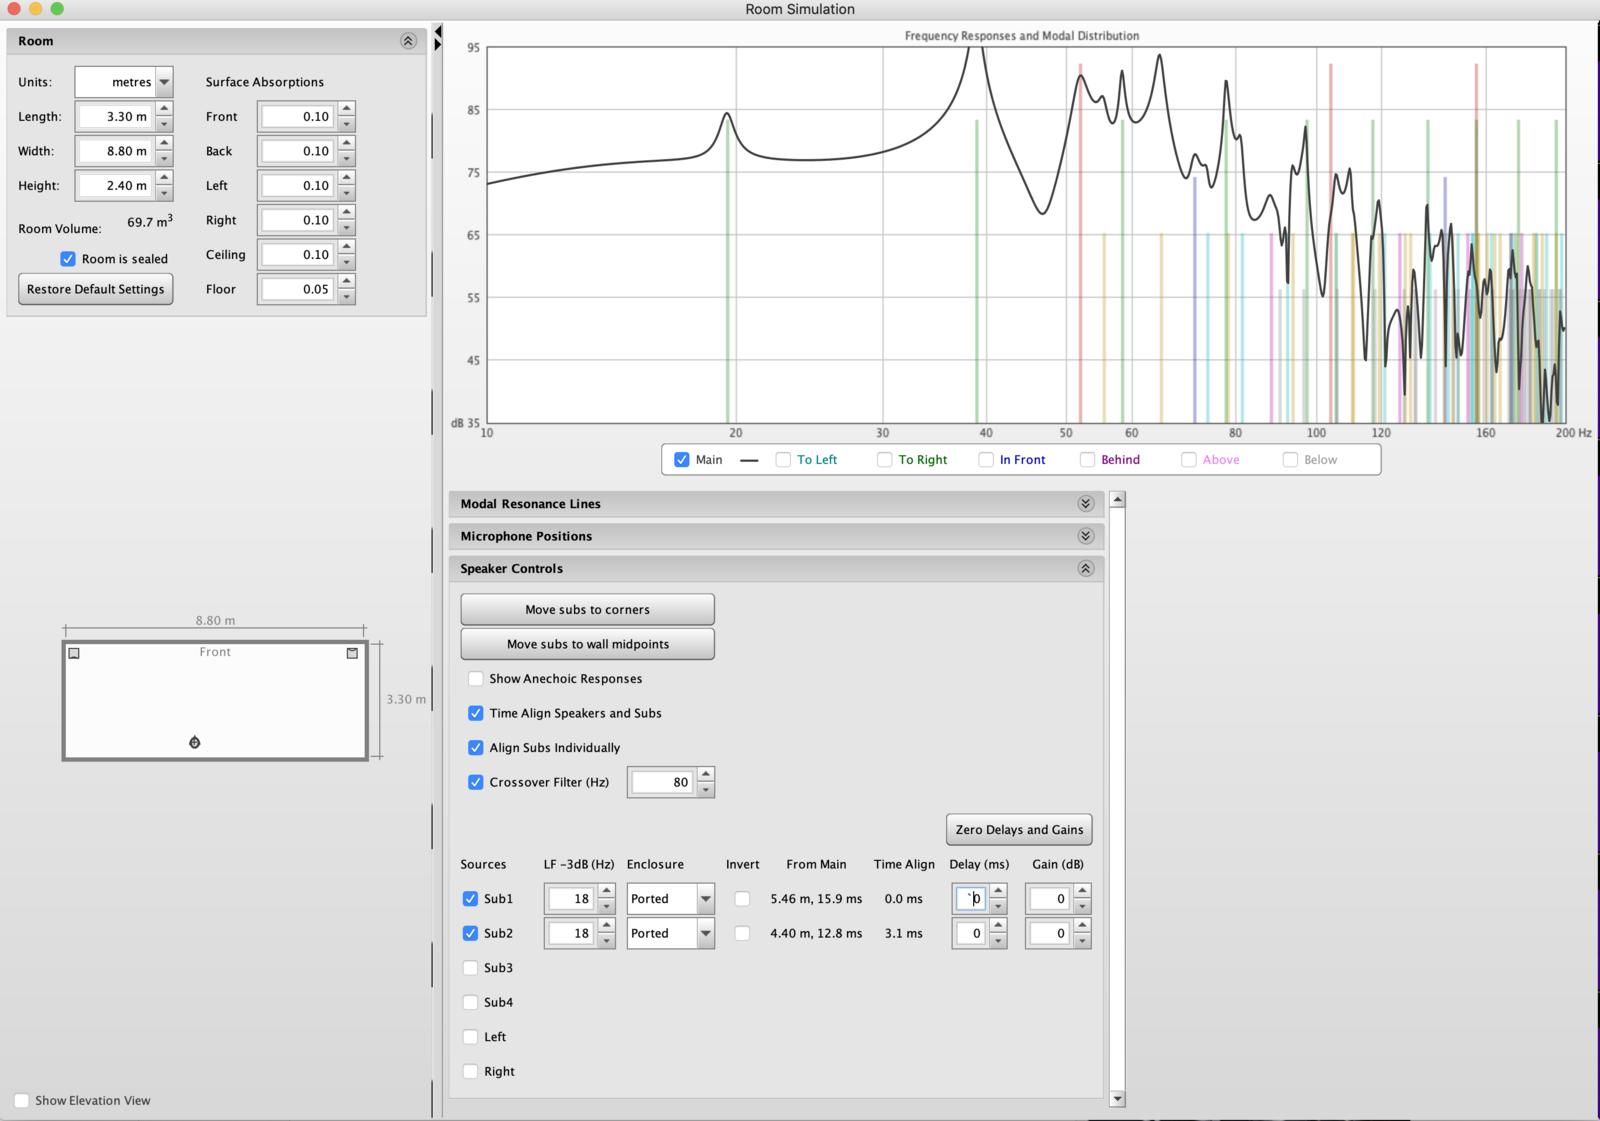 Screenshot 2021-01-30 at 18.27.53.png